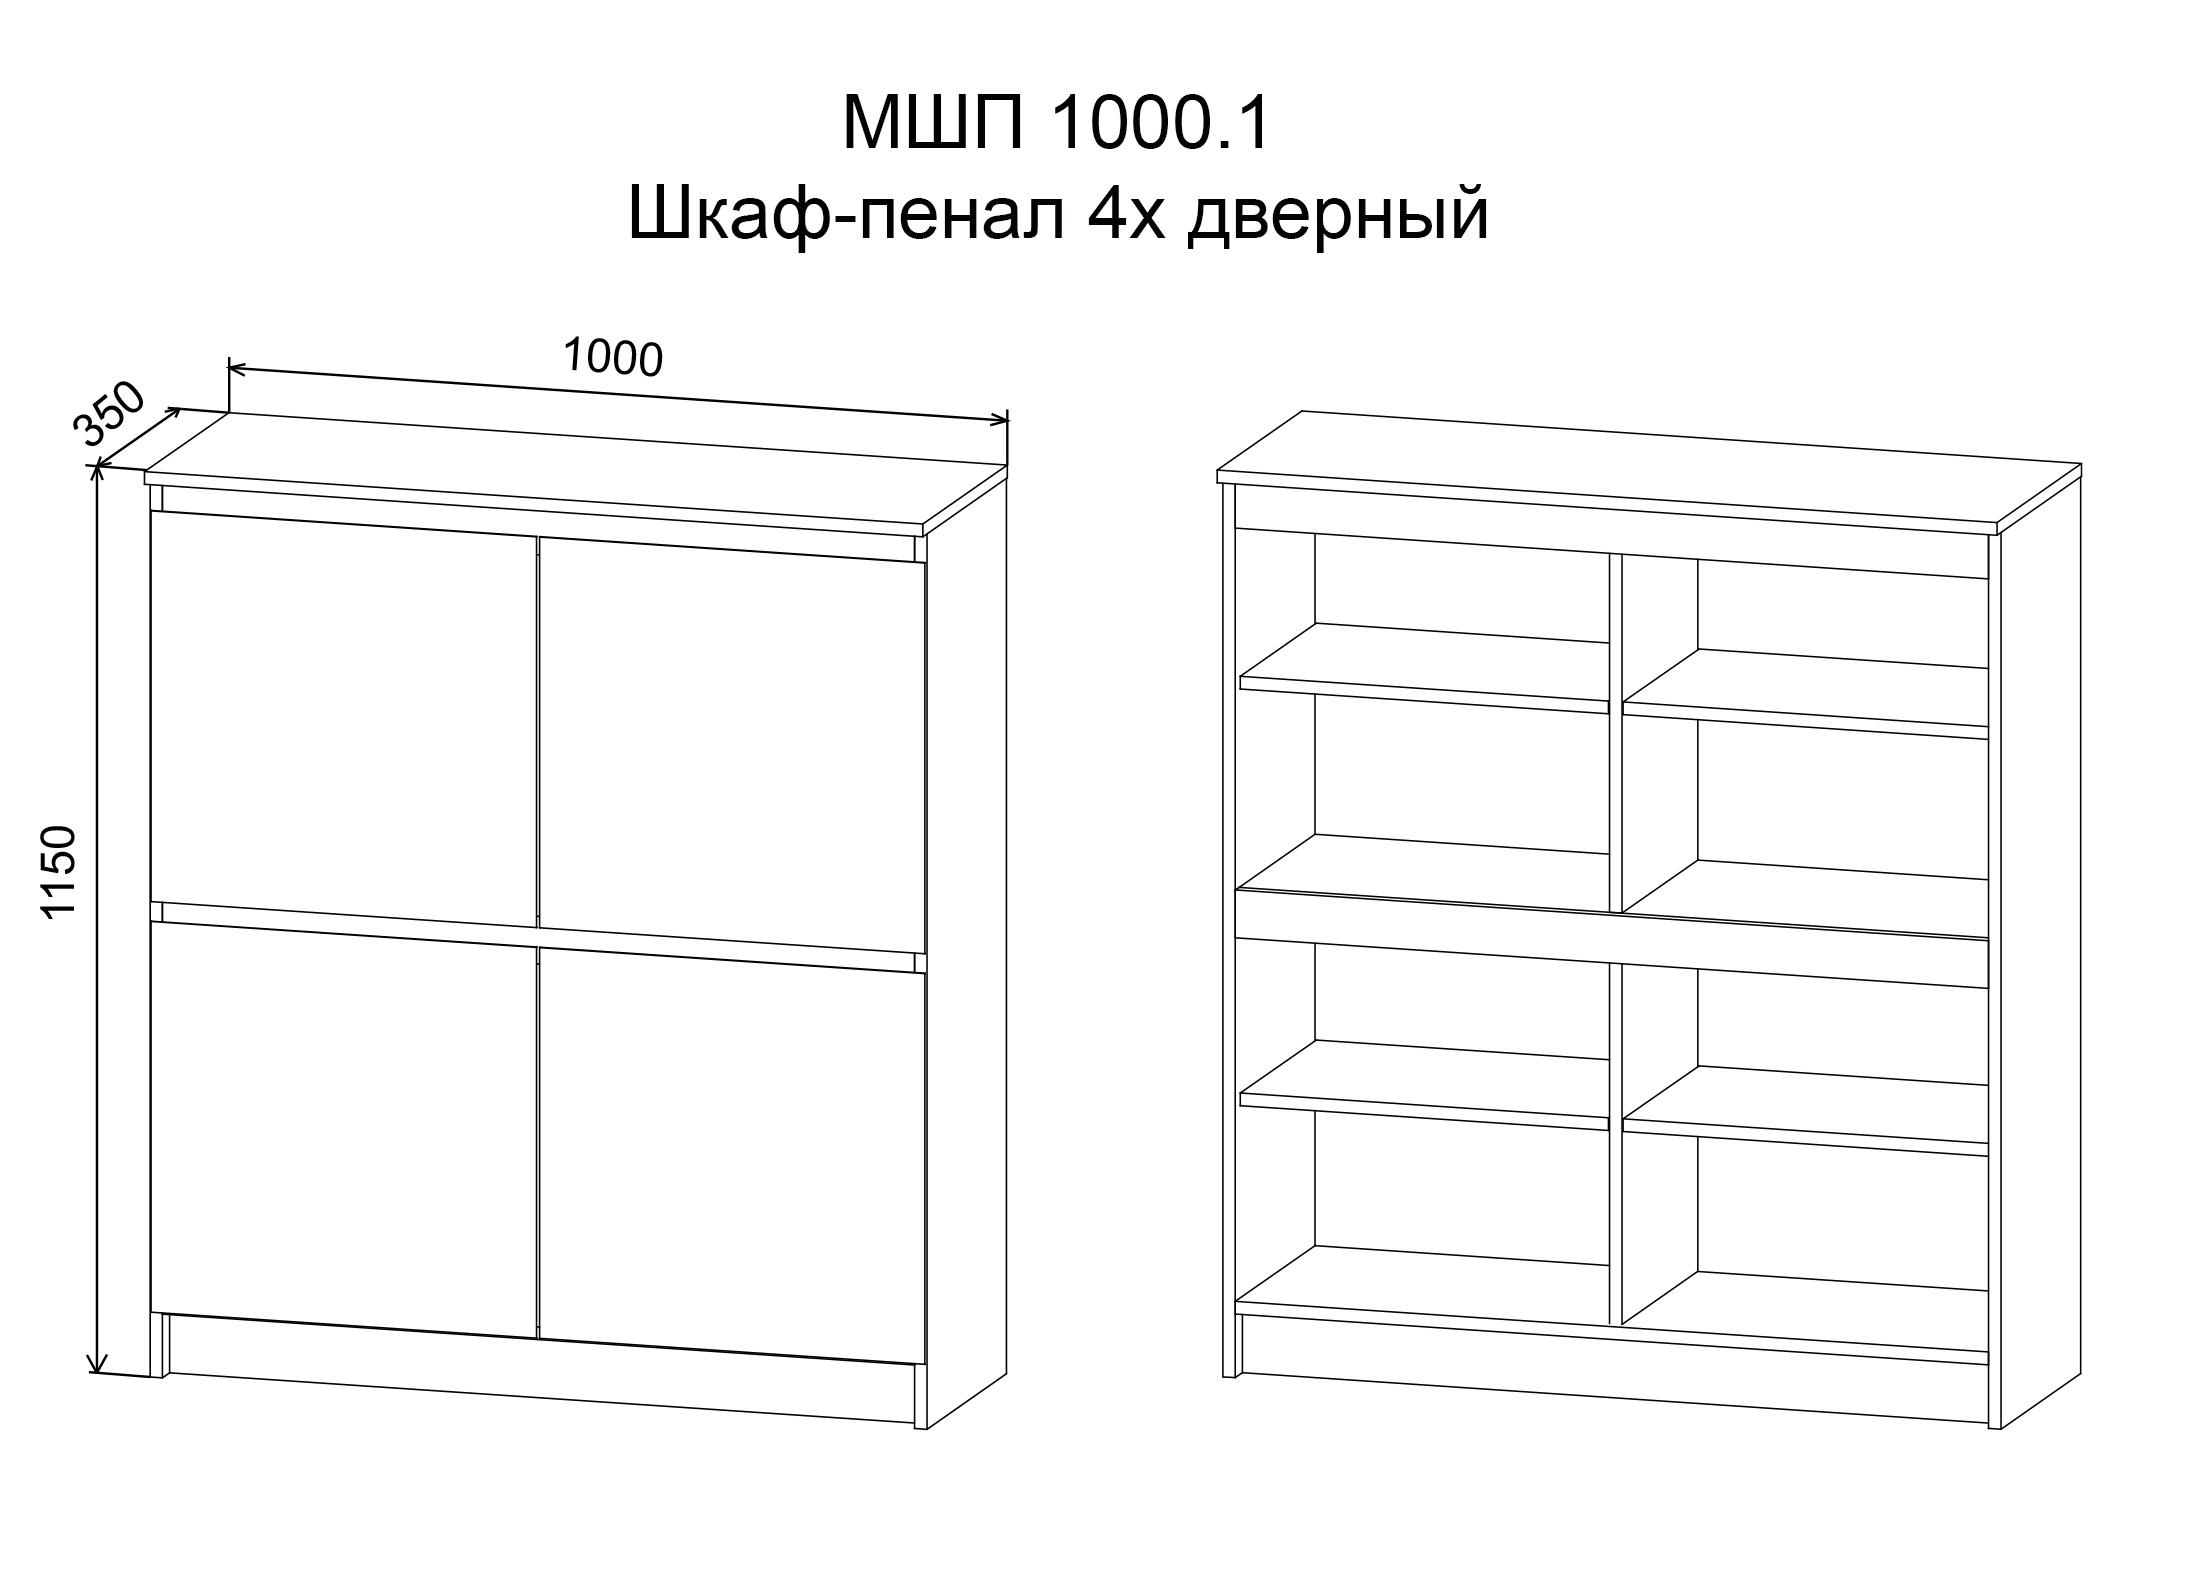 Марли шкаф-пенал  МШП 1000.1